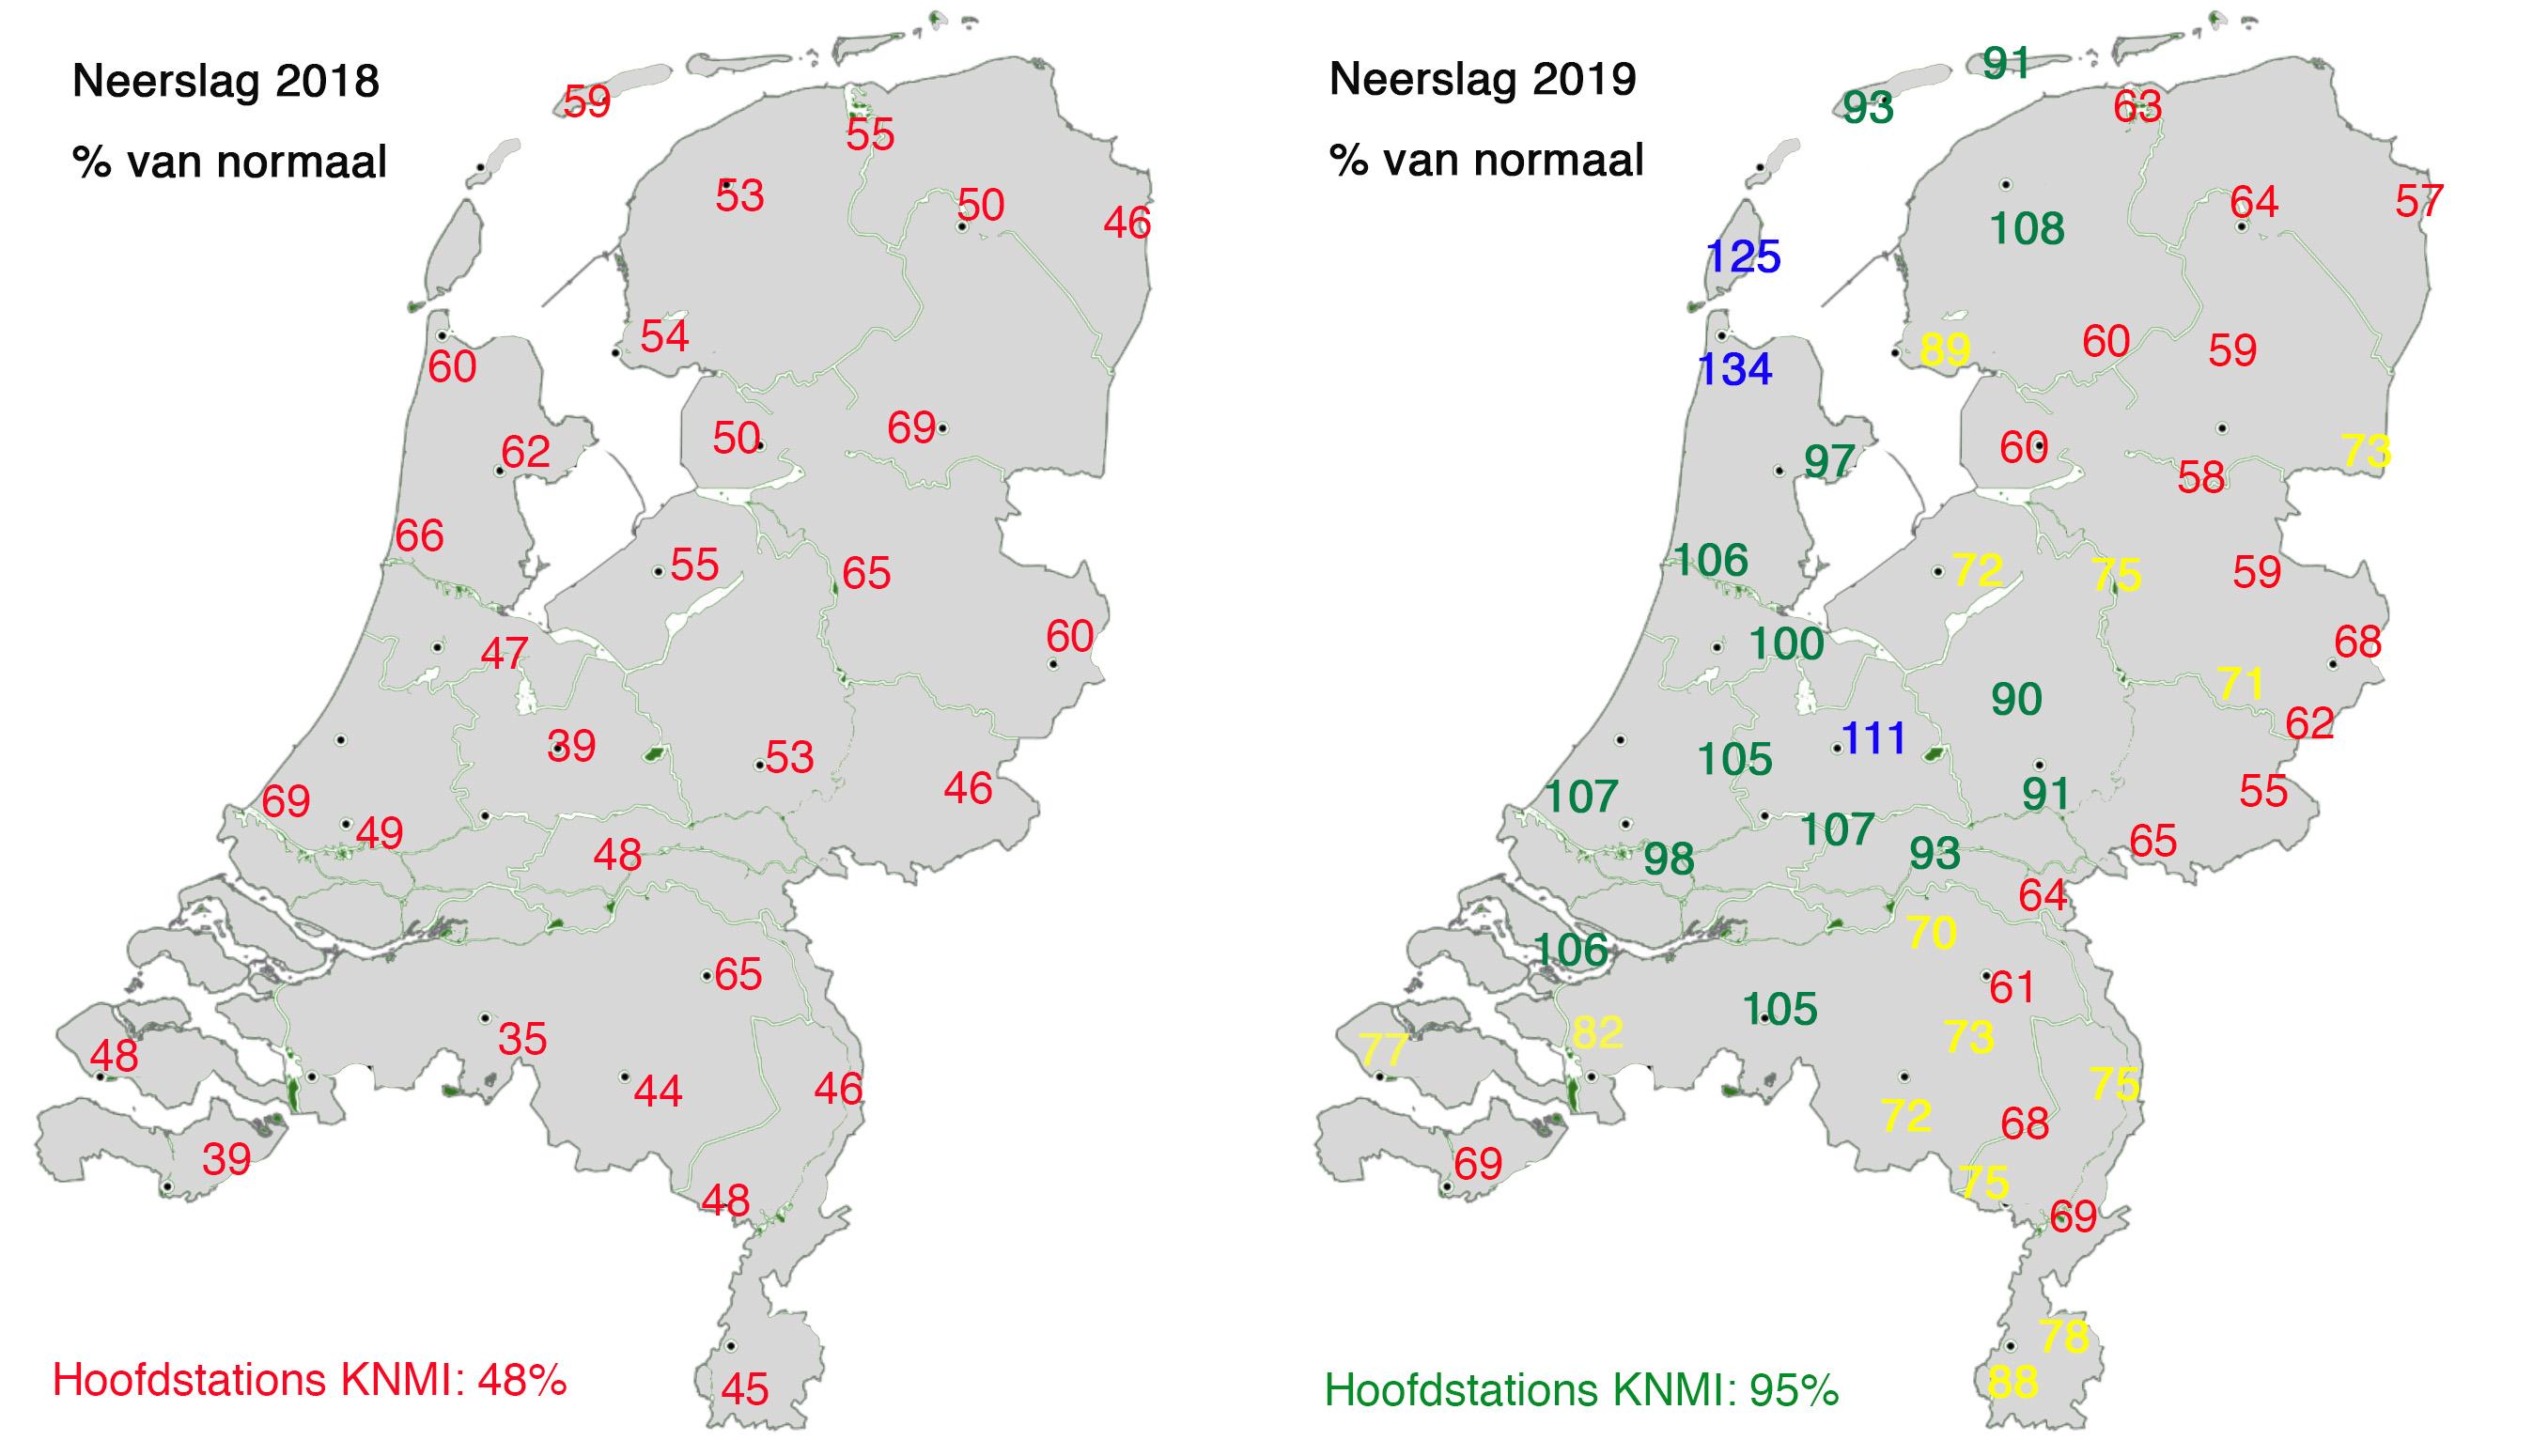 Percentage van de normale hoeveelheid neerslag in de zomer van 2018 (links) en 2019 (rechts. Rode getallen zijn waarden onder de 70%, gele tussen de 70 en 90, groene tussen de 90 en 110 en blauwe groter dan 110. (bron KNMI)